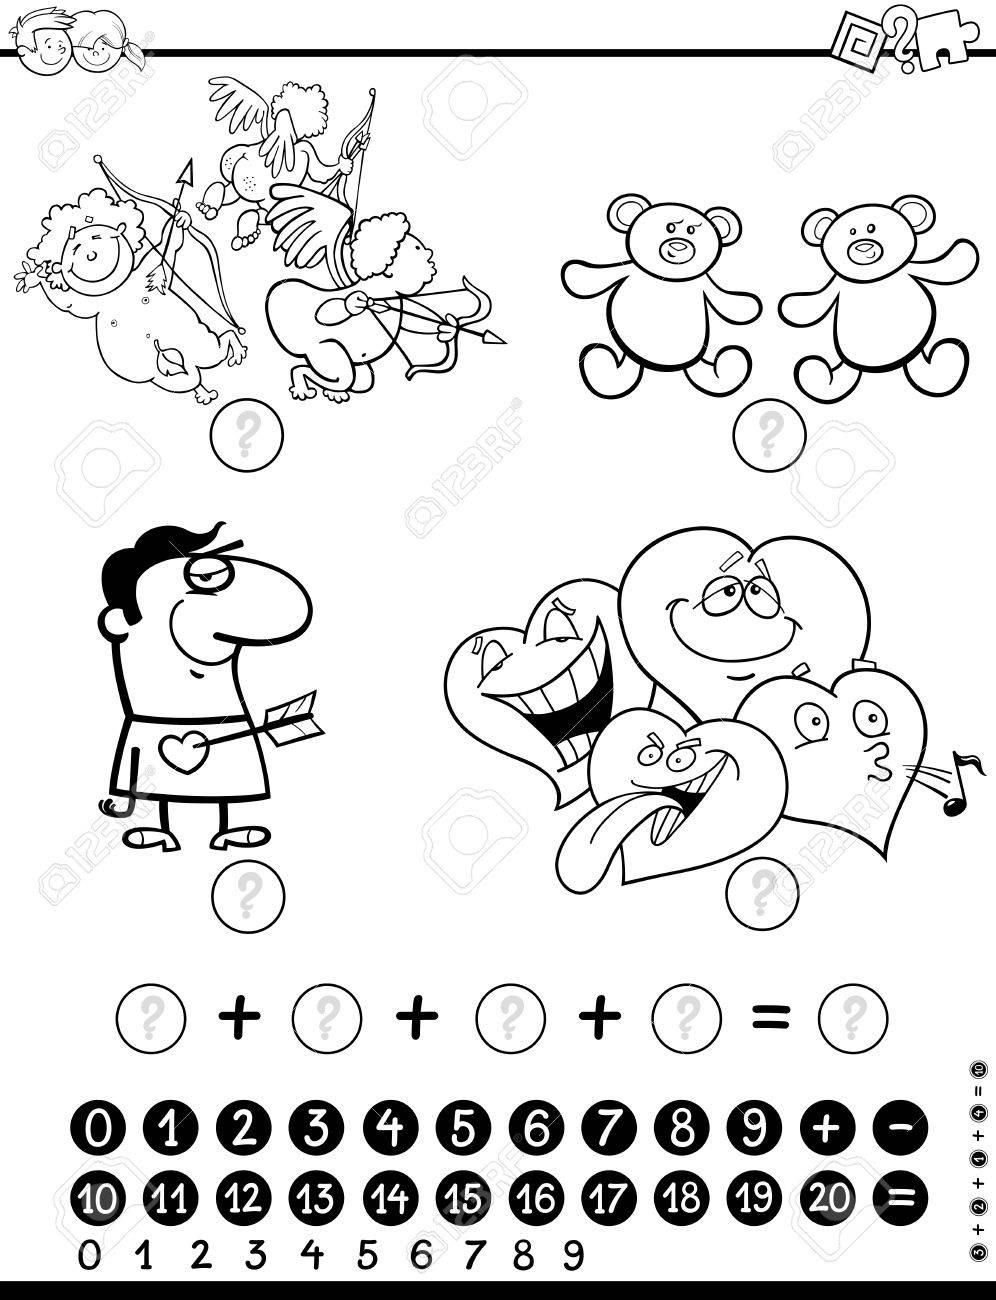 Ilustración De Dibujos Animados En Blanco Y Negro Del Juego De Matemáticas De La Actividad Educativa Para Los Niños Con El Personaje De San